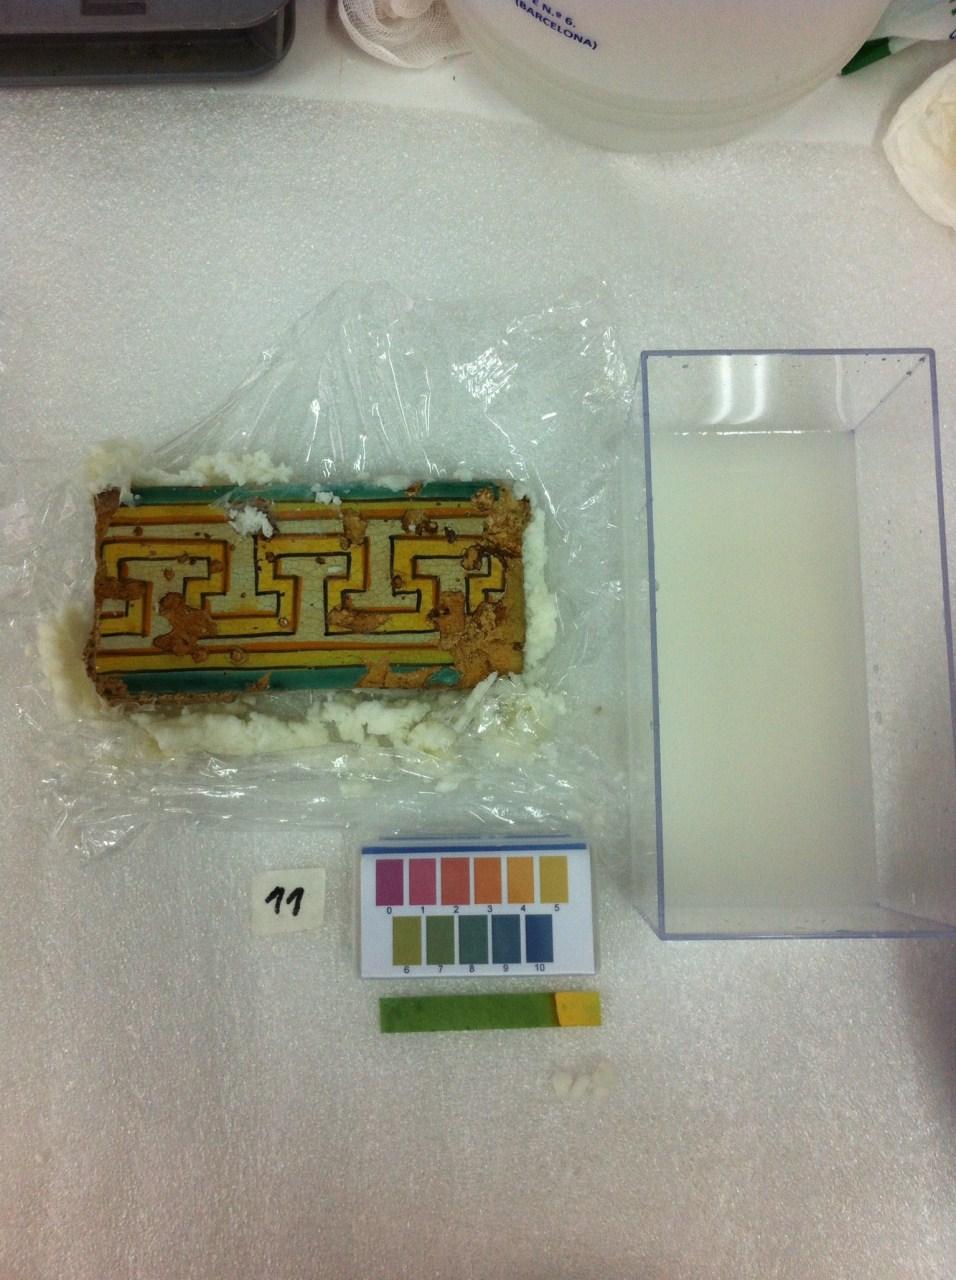 Neteja de les rajoles al laboratori. Foto: Roser Silvestre.